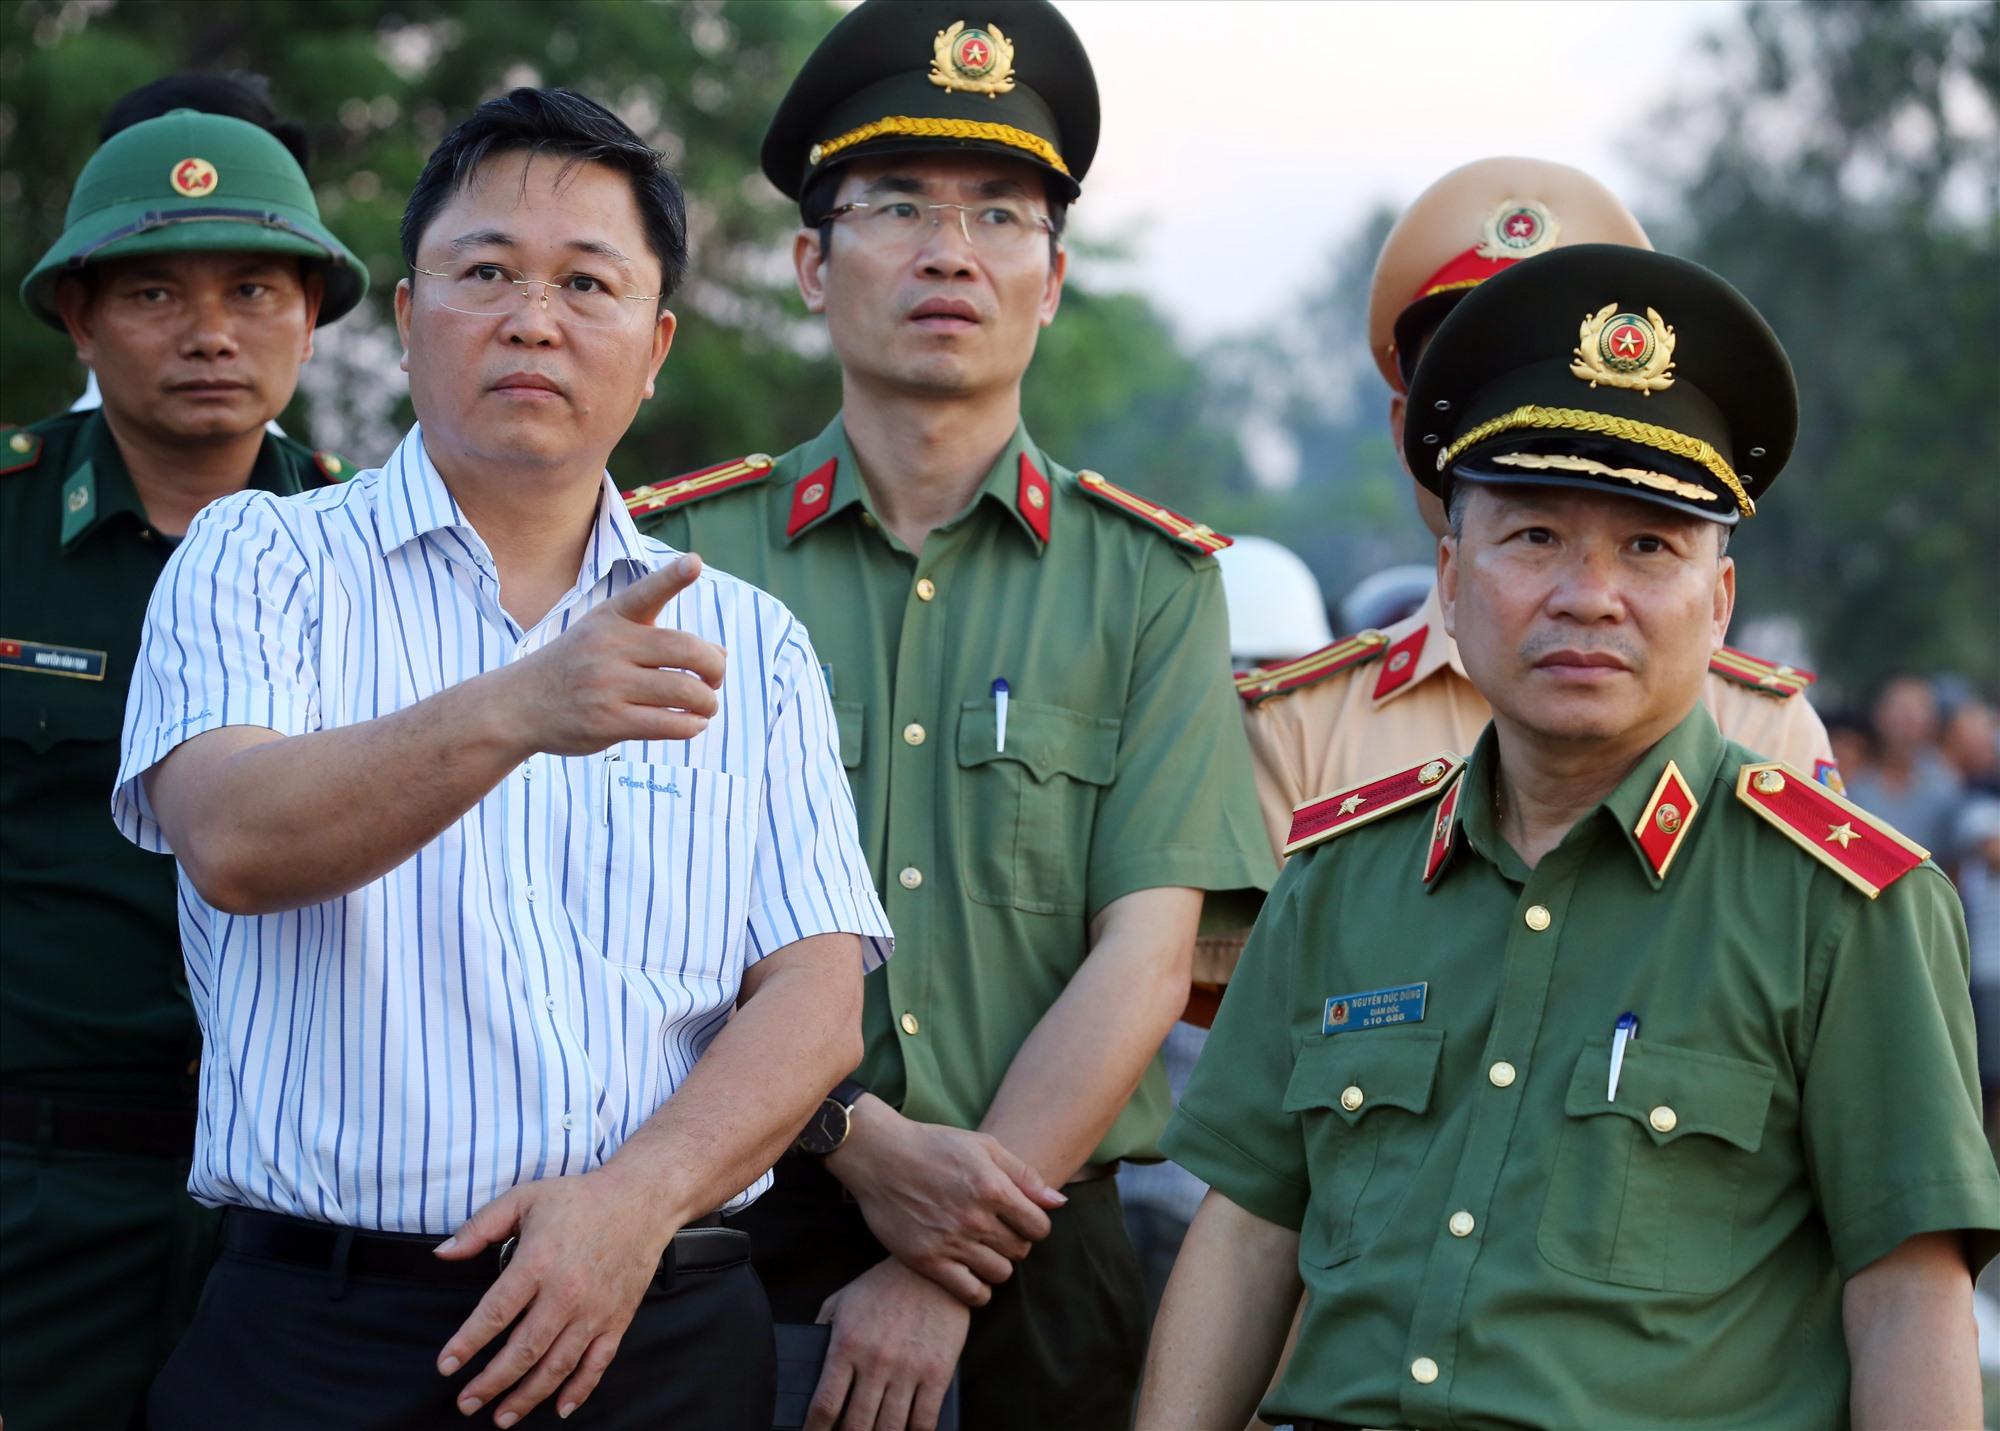 Chủ tịch UBND tỉnh Lê Trí Thanh chỉ đạo công tác tổ chức tìm kiếm các nạn nhân sau vụ chìm đò ở Duy Xuyên vừa qua. Ảnh: BẢO NGÂN